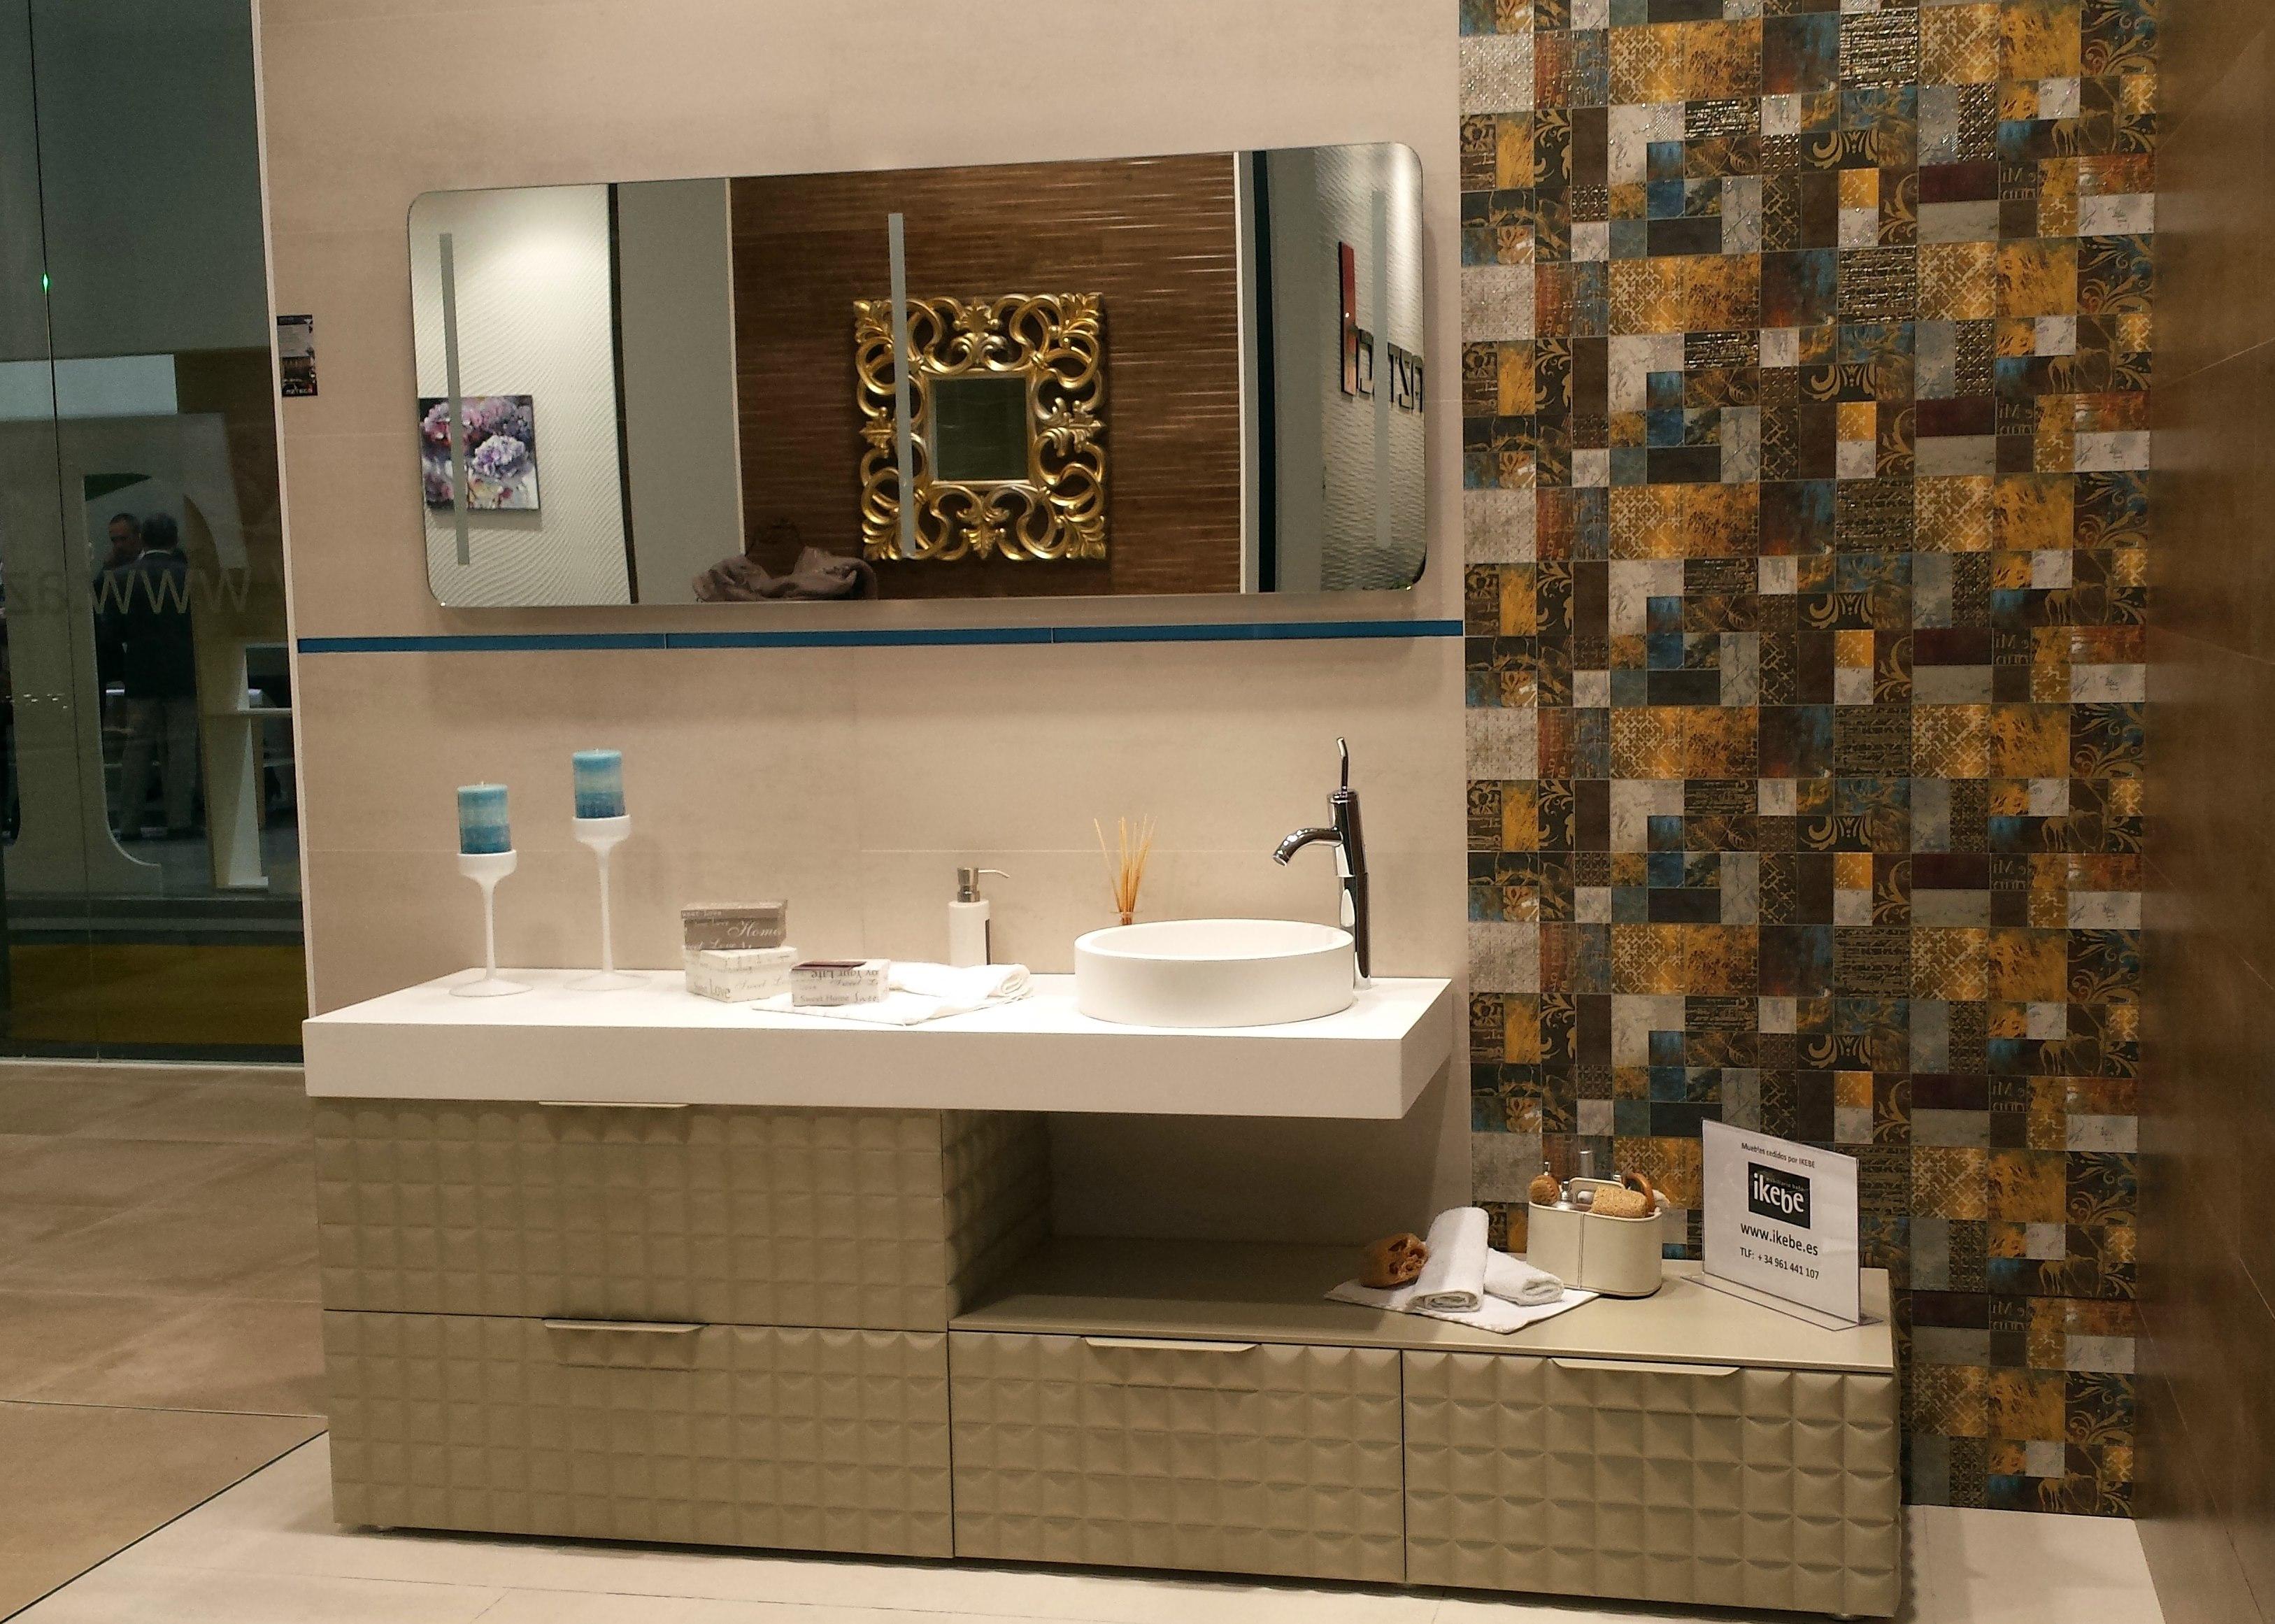 Cevisama 2015 ikebe fabrica de muebles de ba o a for Fabrica muebles bano